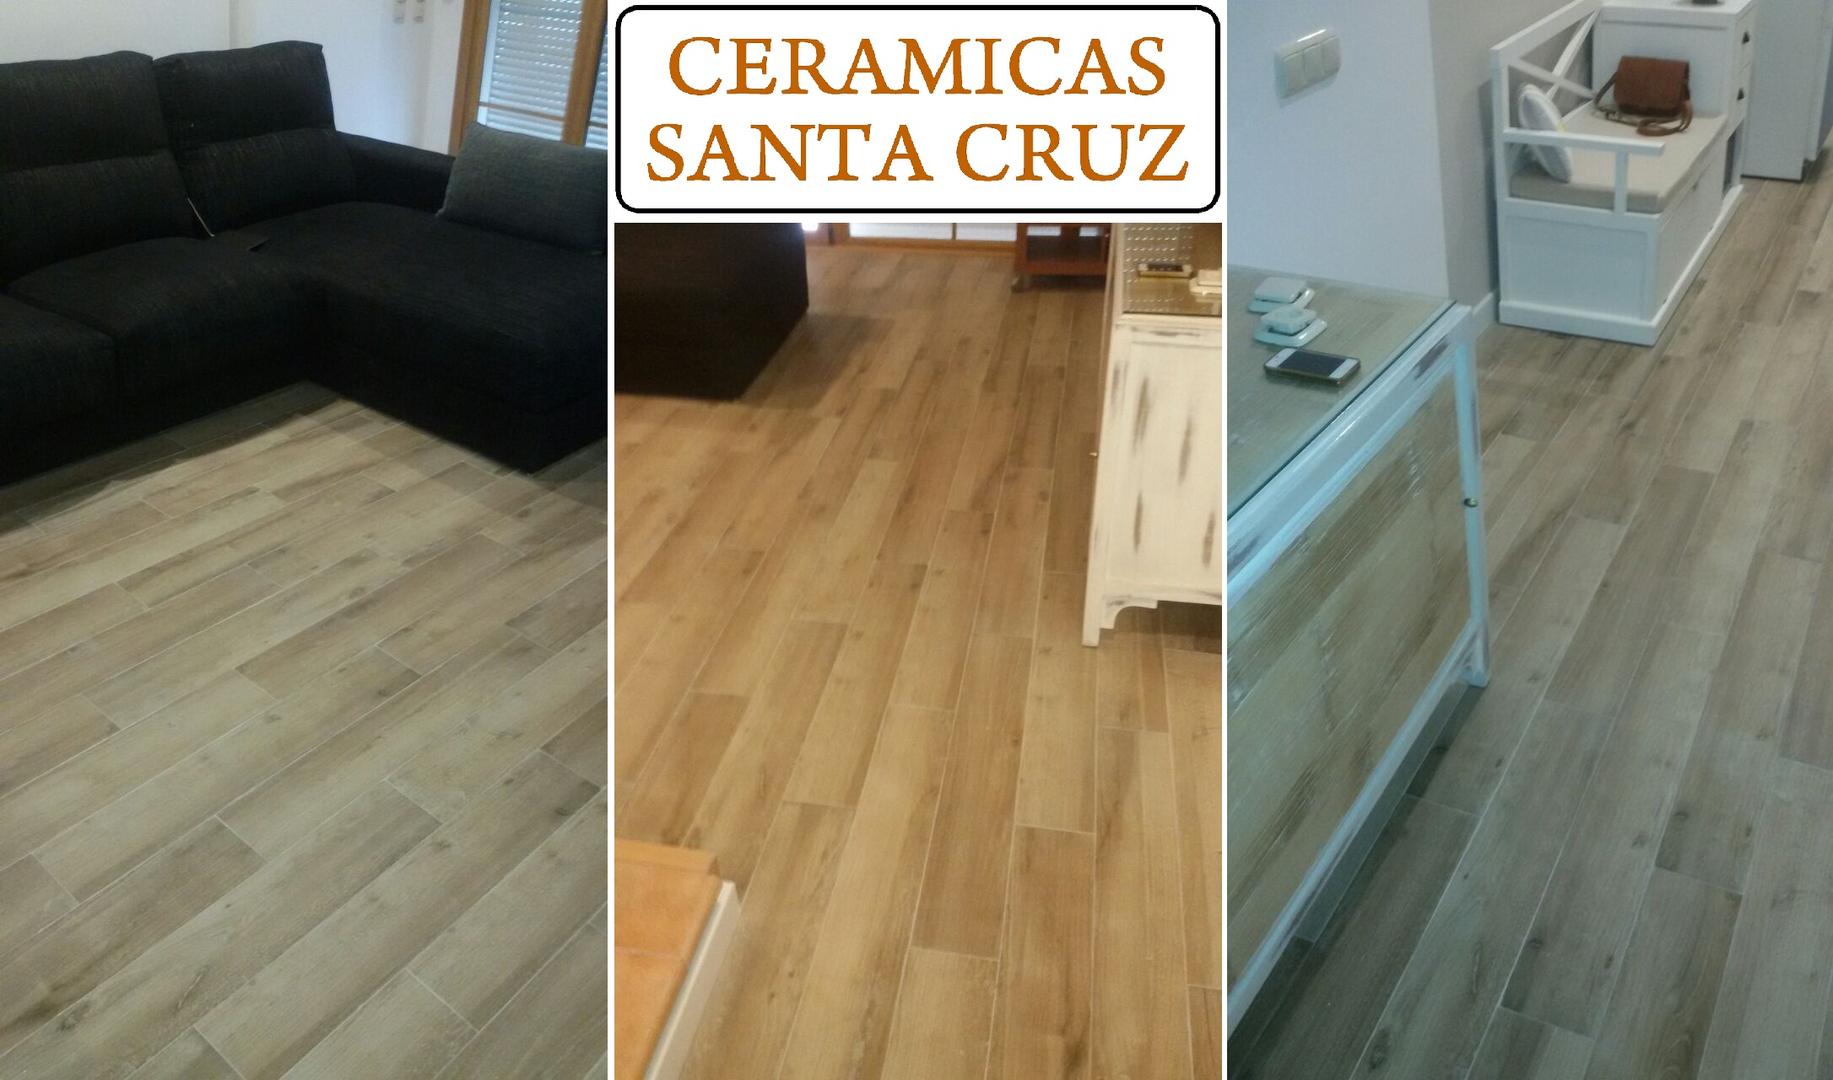 Cer Micas Santa Cruz Cer Mica Gres Porcel Nico Baldosas Azulejos  # Muebles Kaoba Santa Cruz De La Sierra